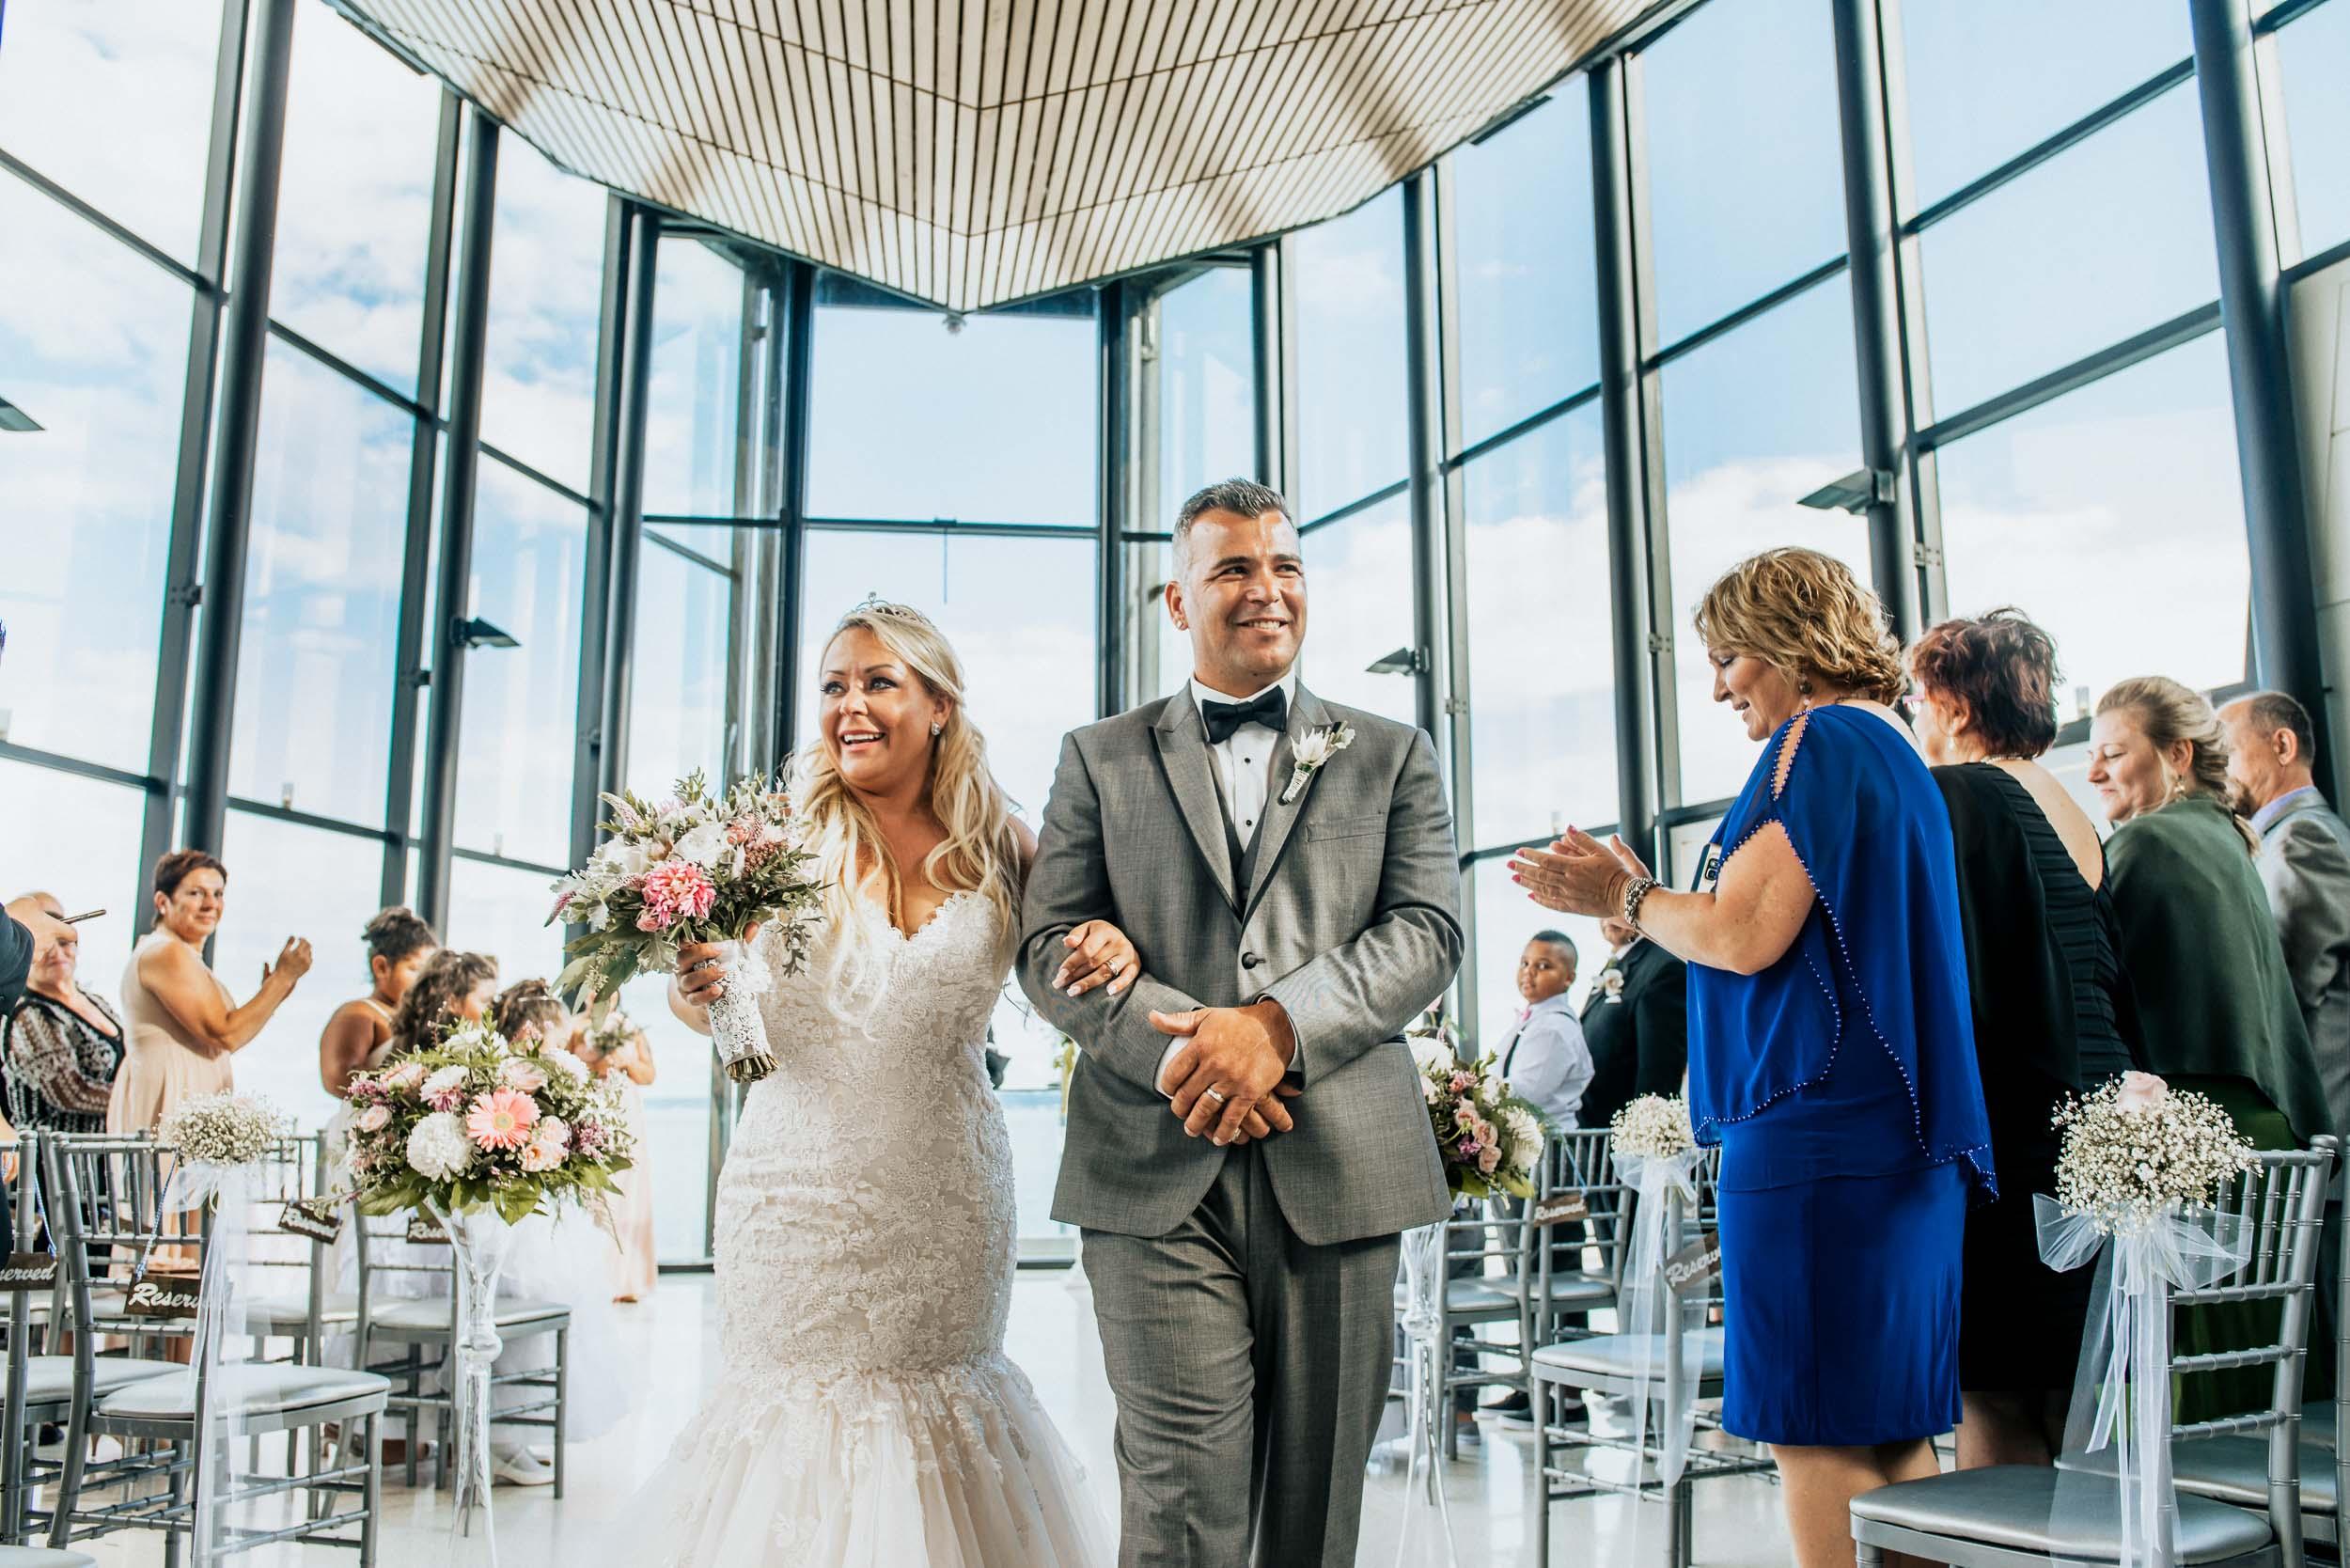 wedding-photography-stratford-davidiam-208.jpg